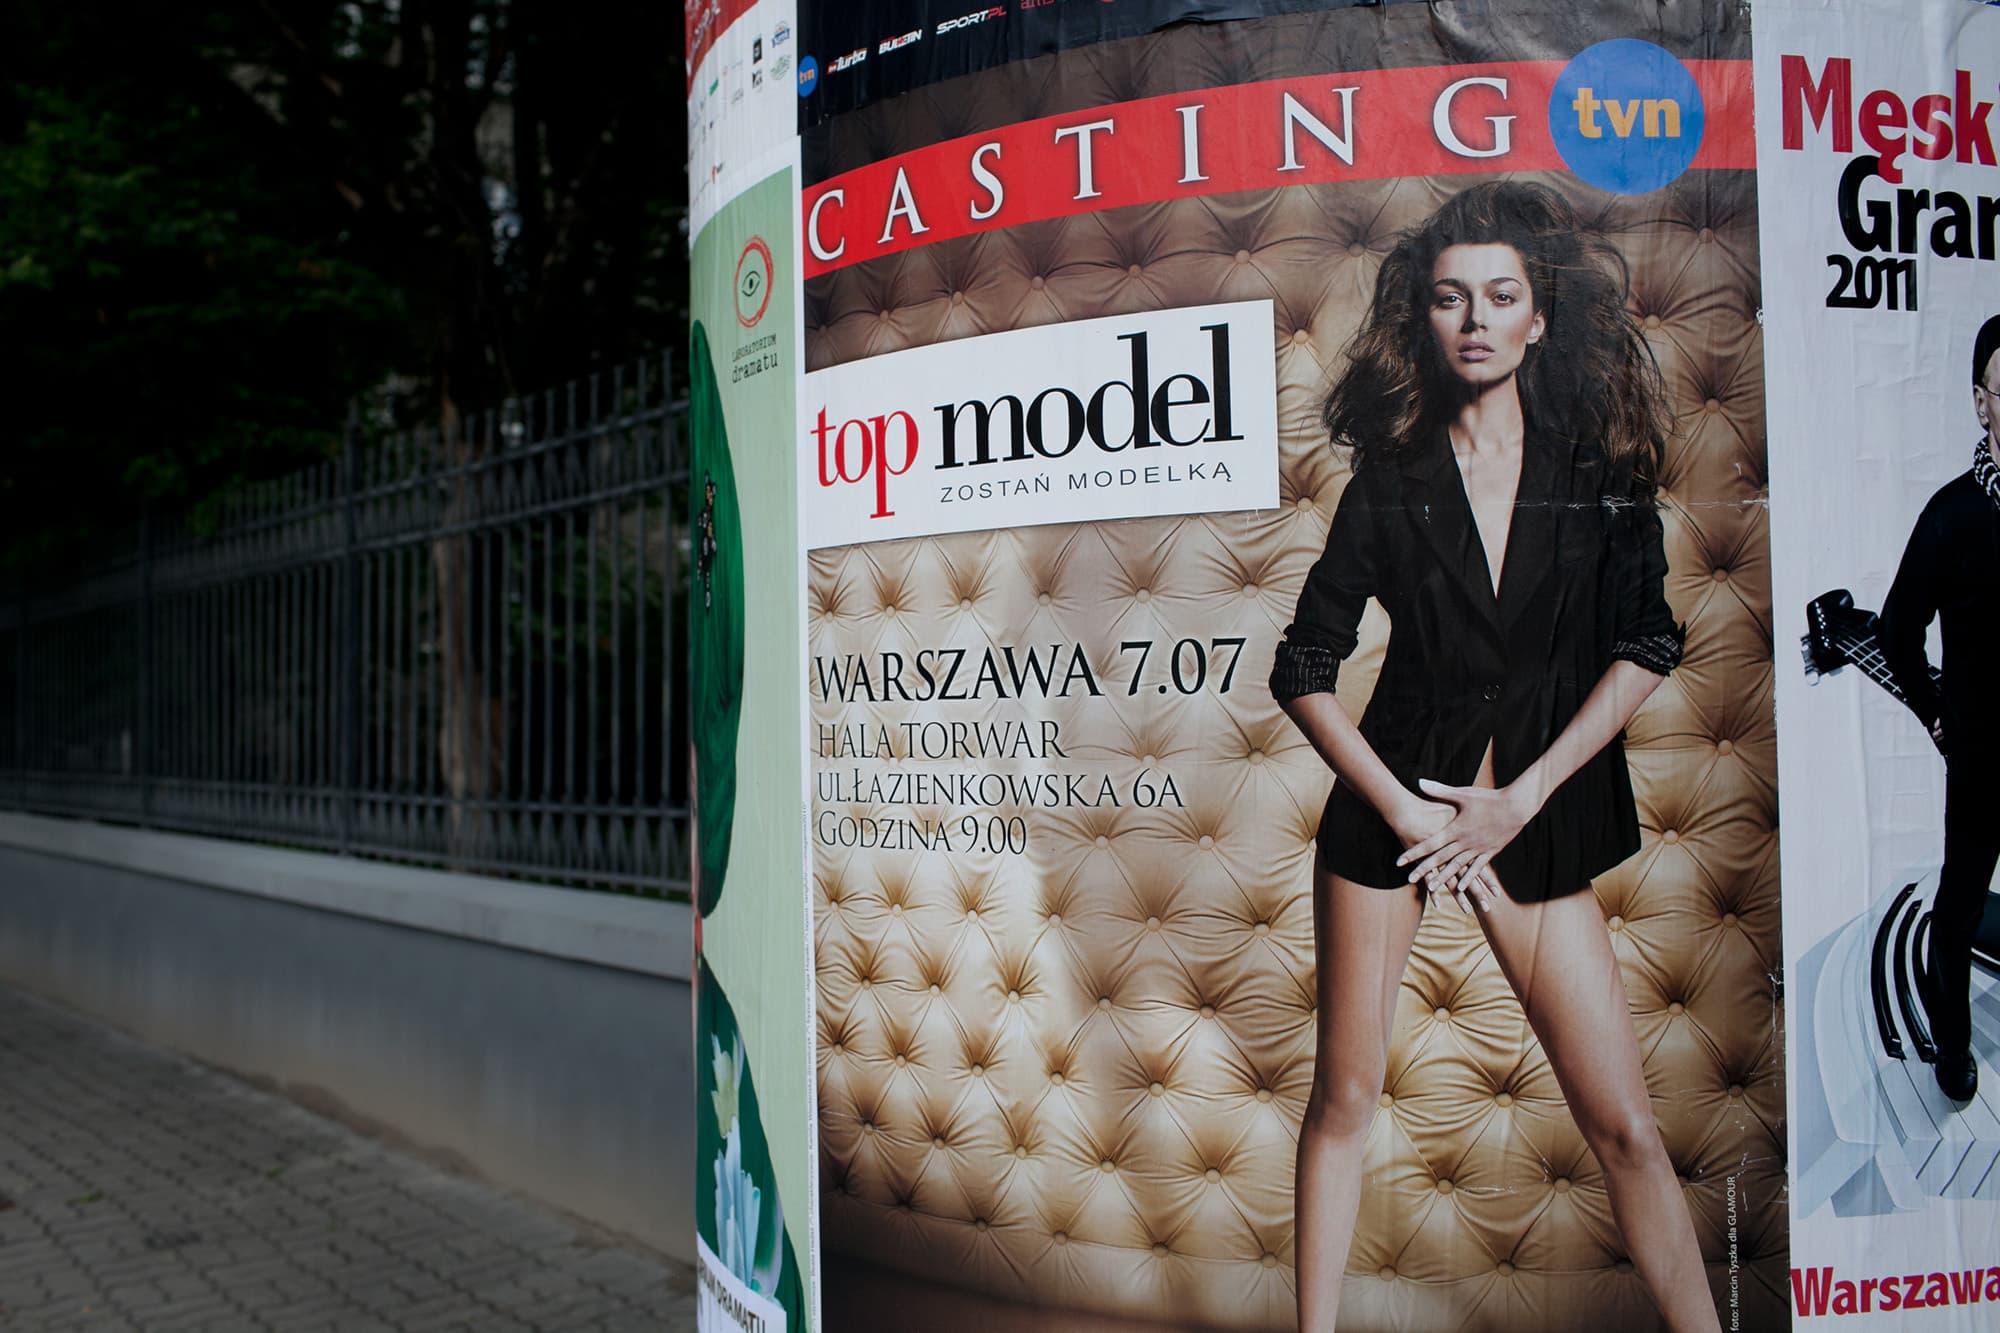 Poland's Next Top Model